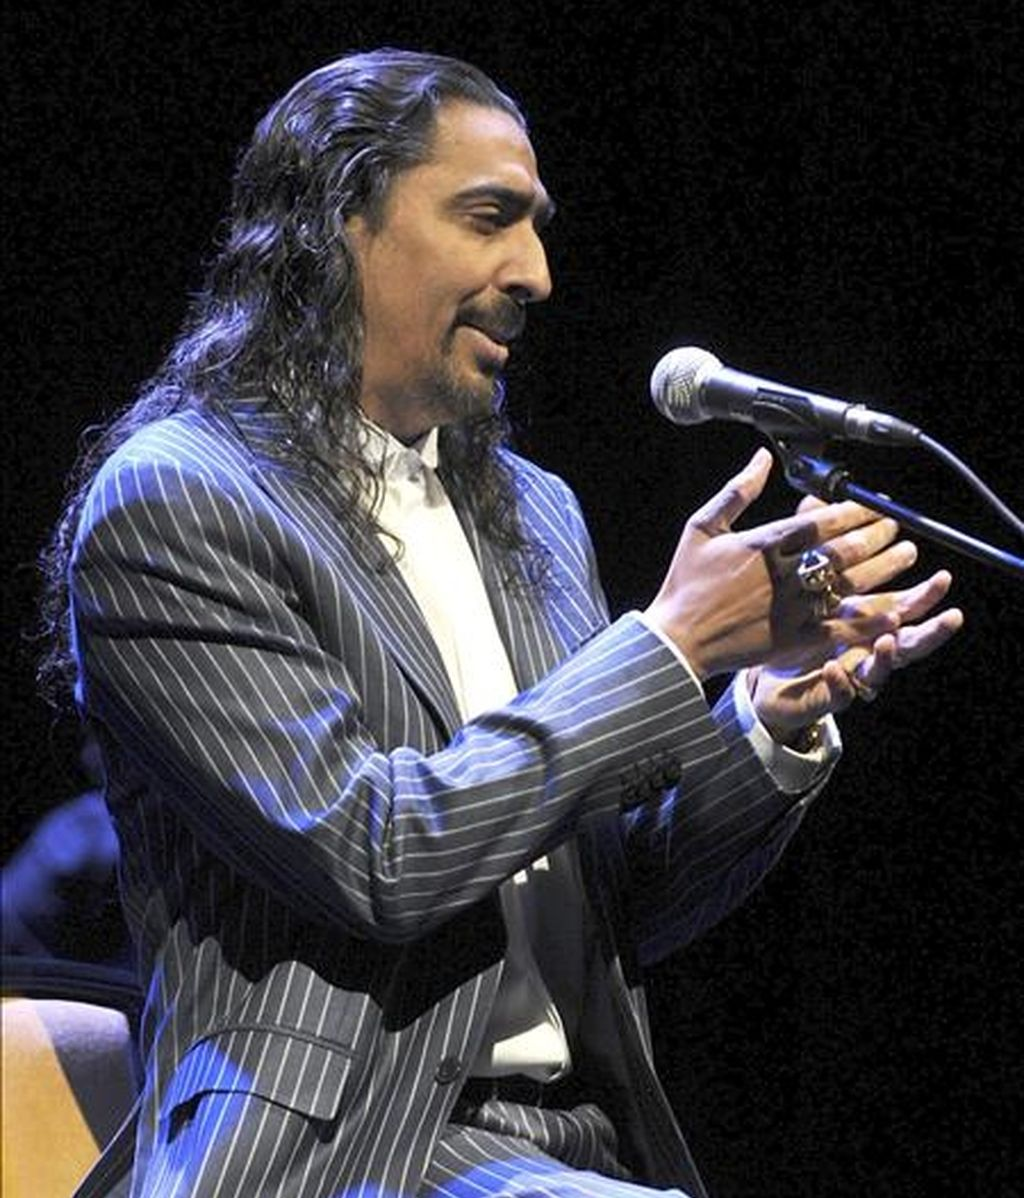 """El cantaor Diego """"El Cigala"""", durante su actuación esta noche incluido en el ciclo """"Valladolid vive la música"""", en el que ha presentado su nuevo disco """"Cigala & Tango"""". EFE"""